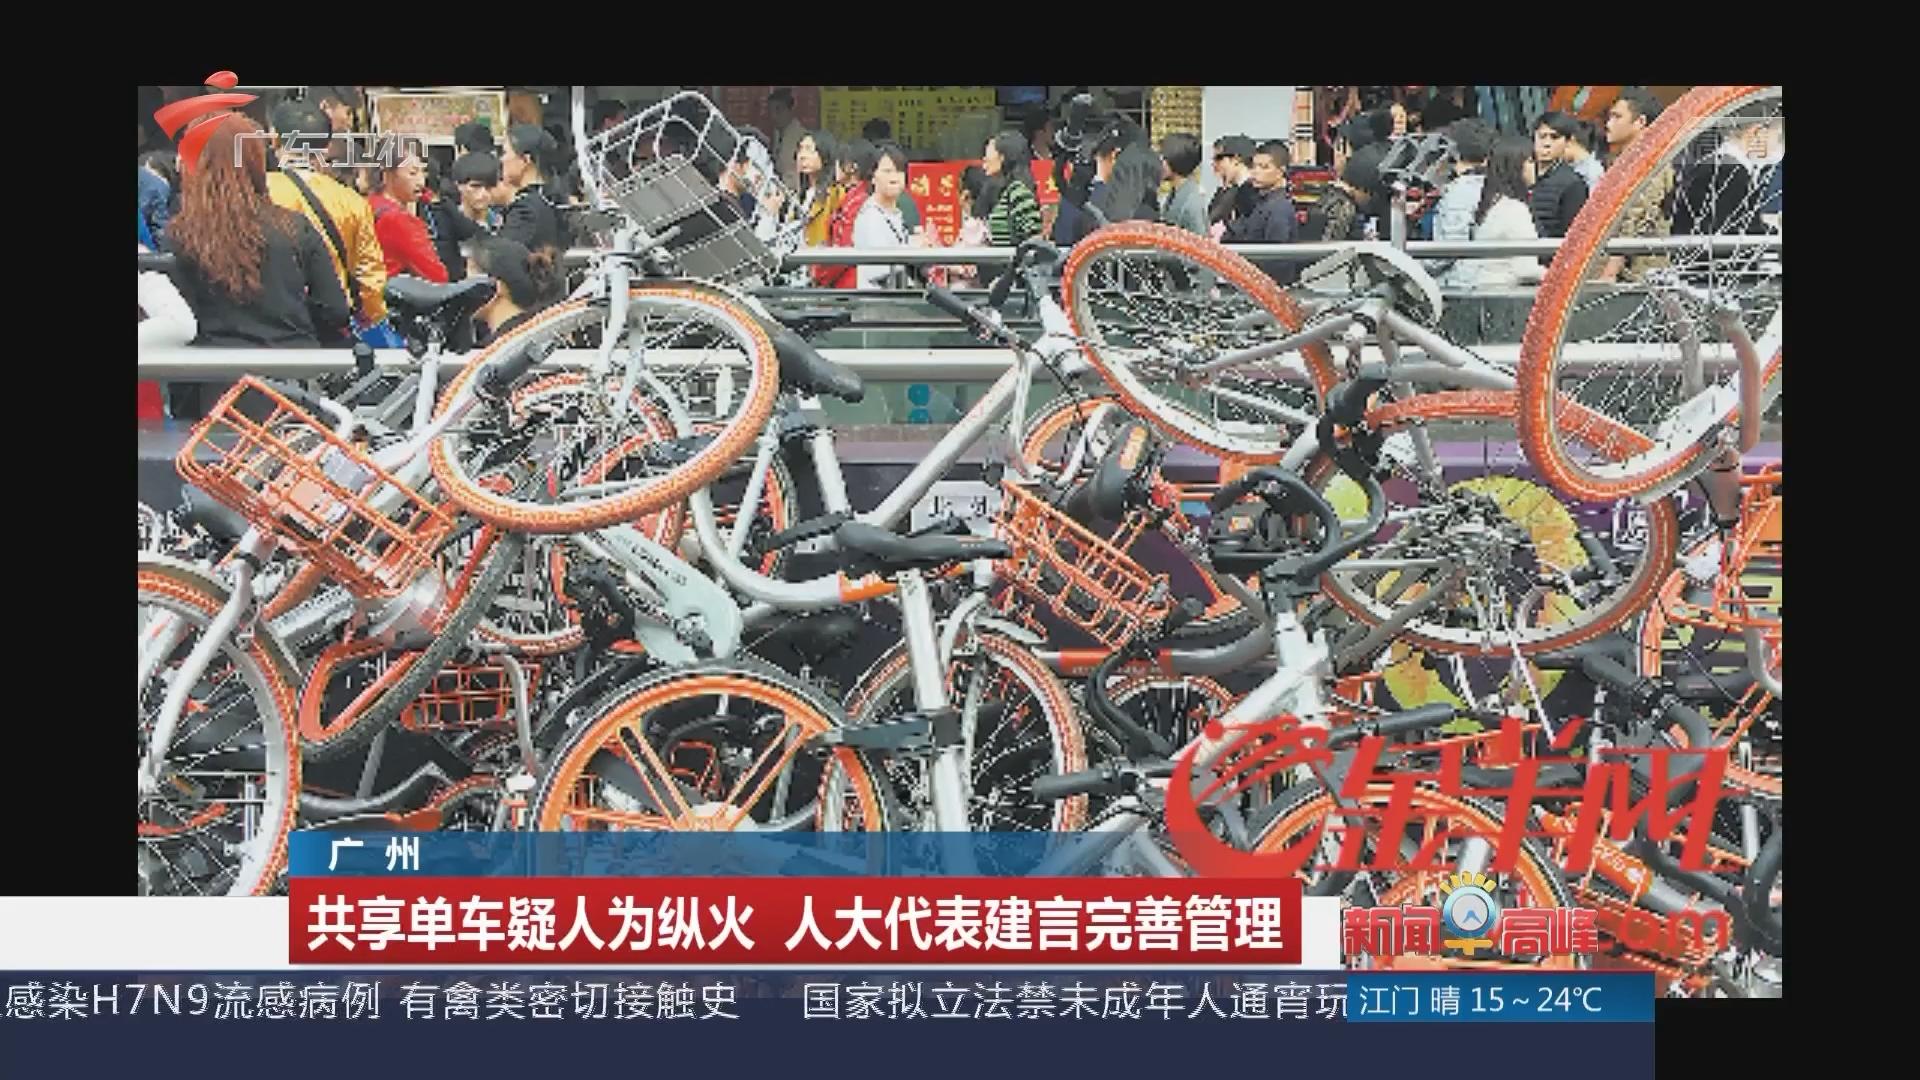 广州:共享单车疑人为纵火 人大代表建言完善管理